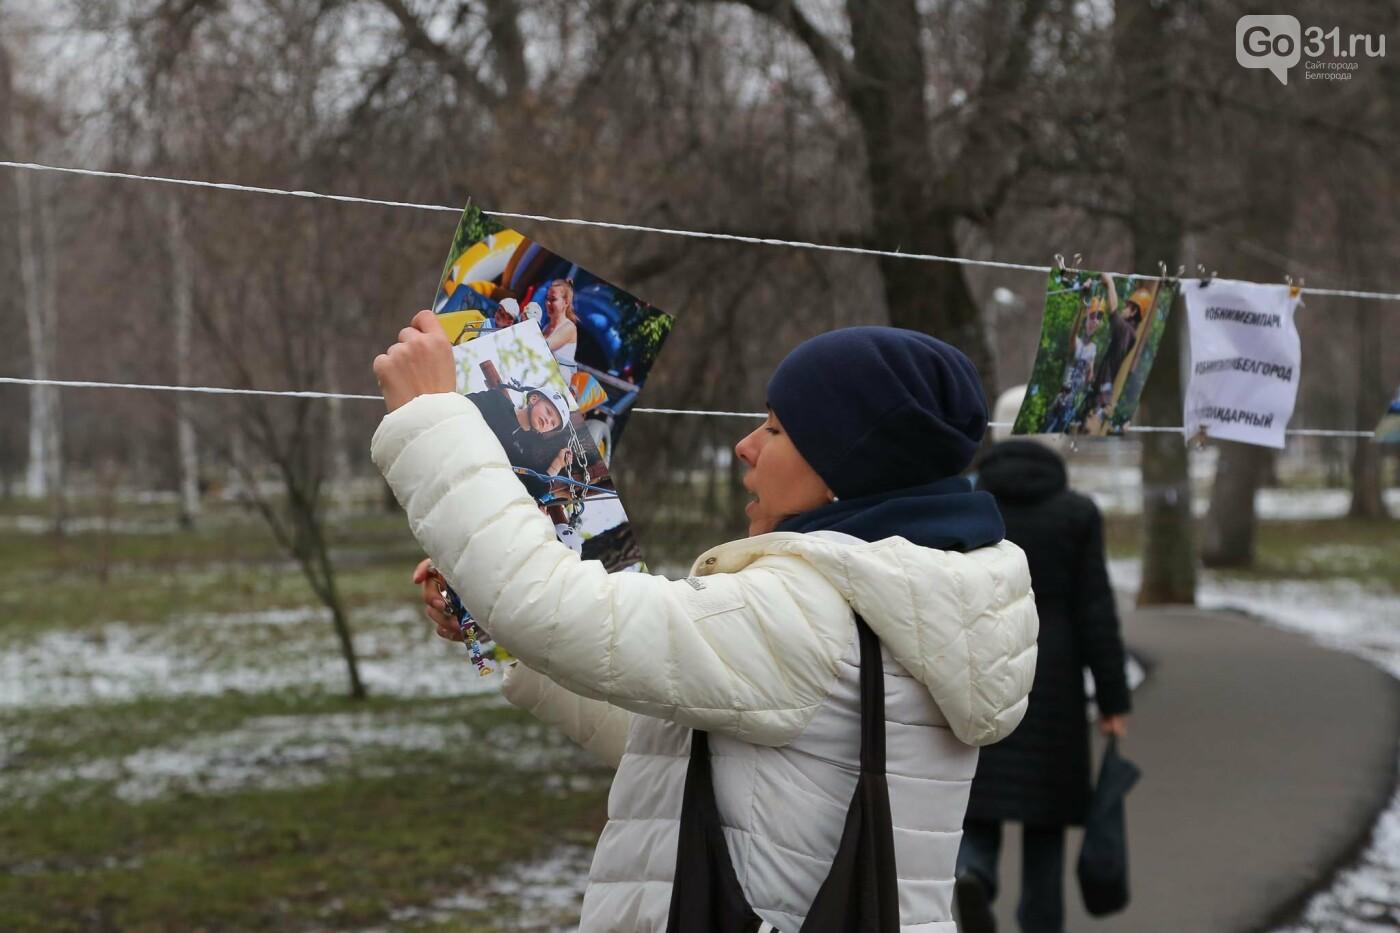 Александр Каракулов: С Центральным парком сейчас всё складывается не лучшим образом, фото-23